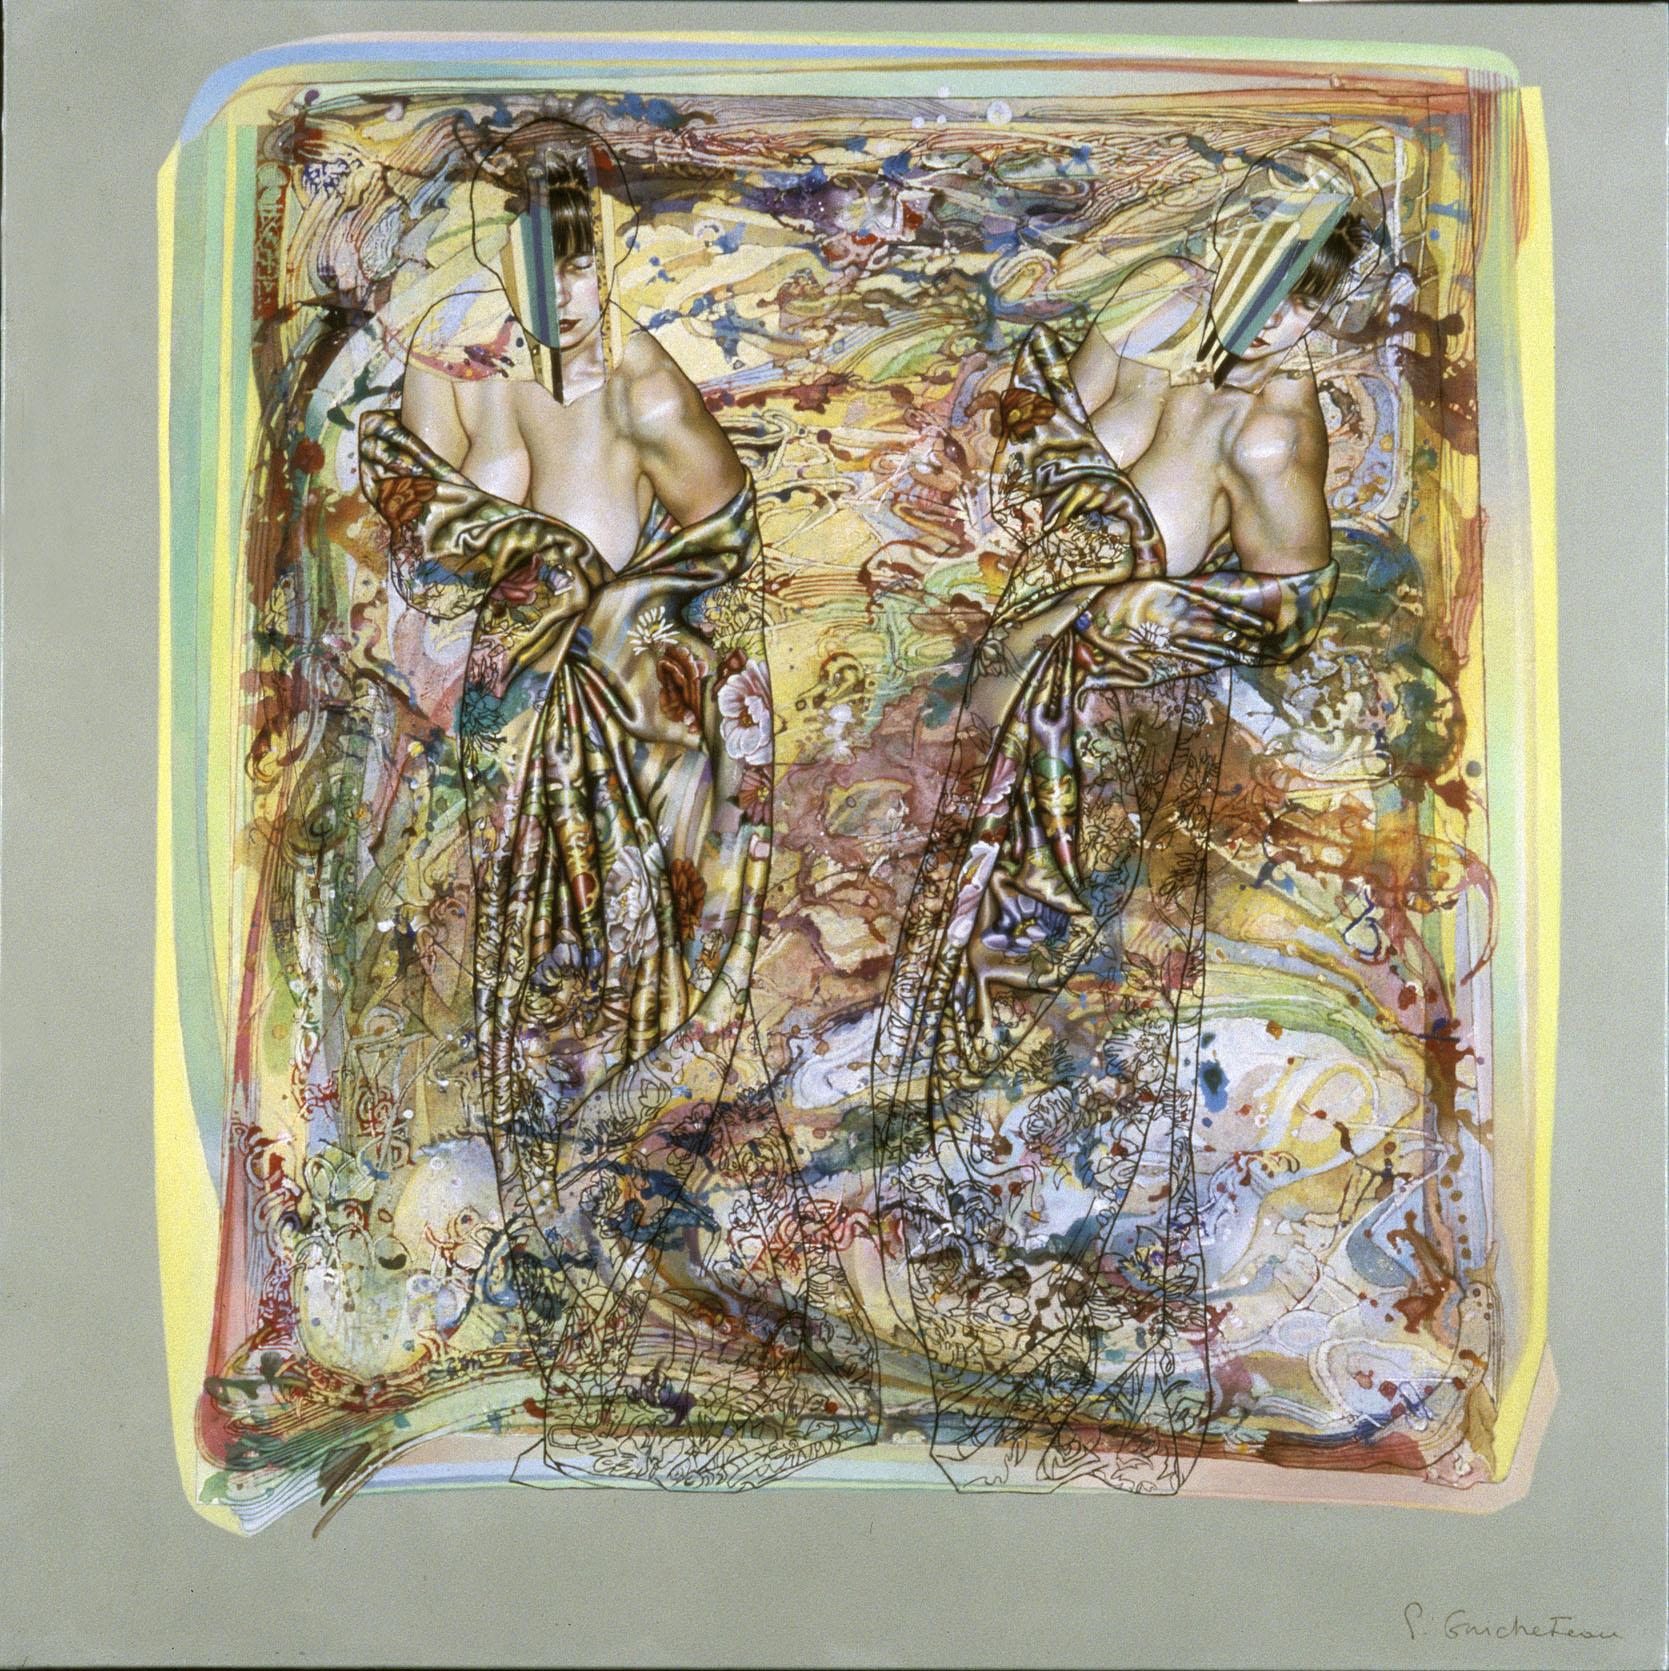 Soeurs d'amble pour des chants inconnus (100x100)